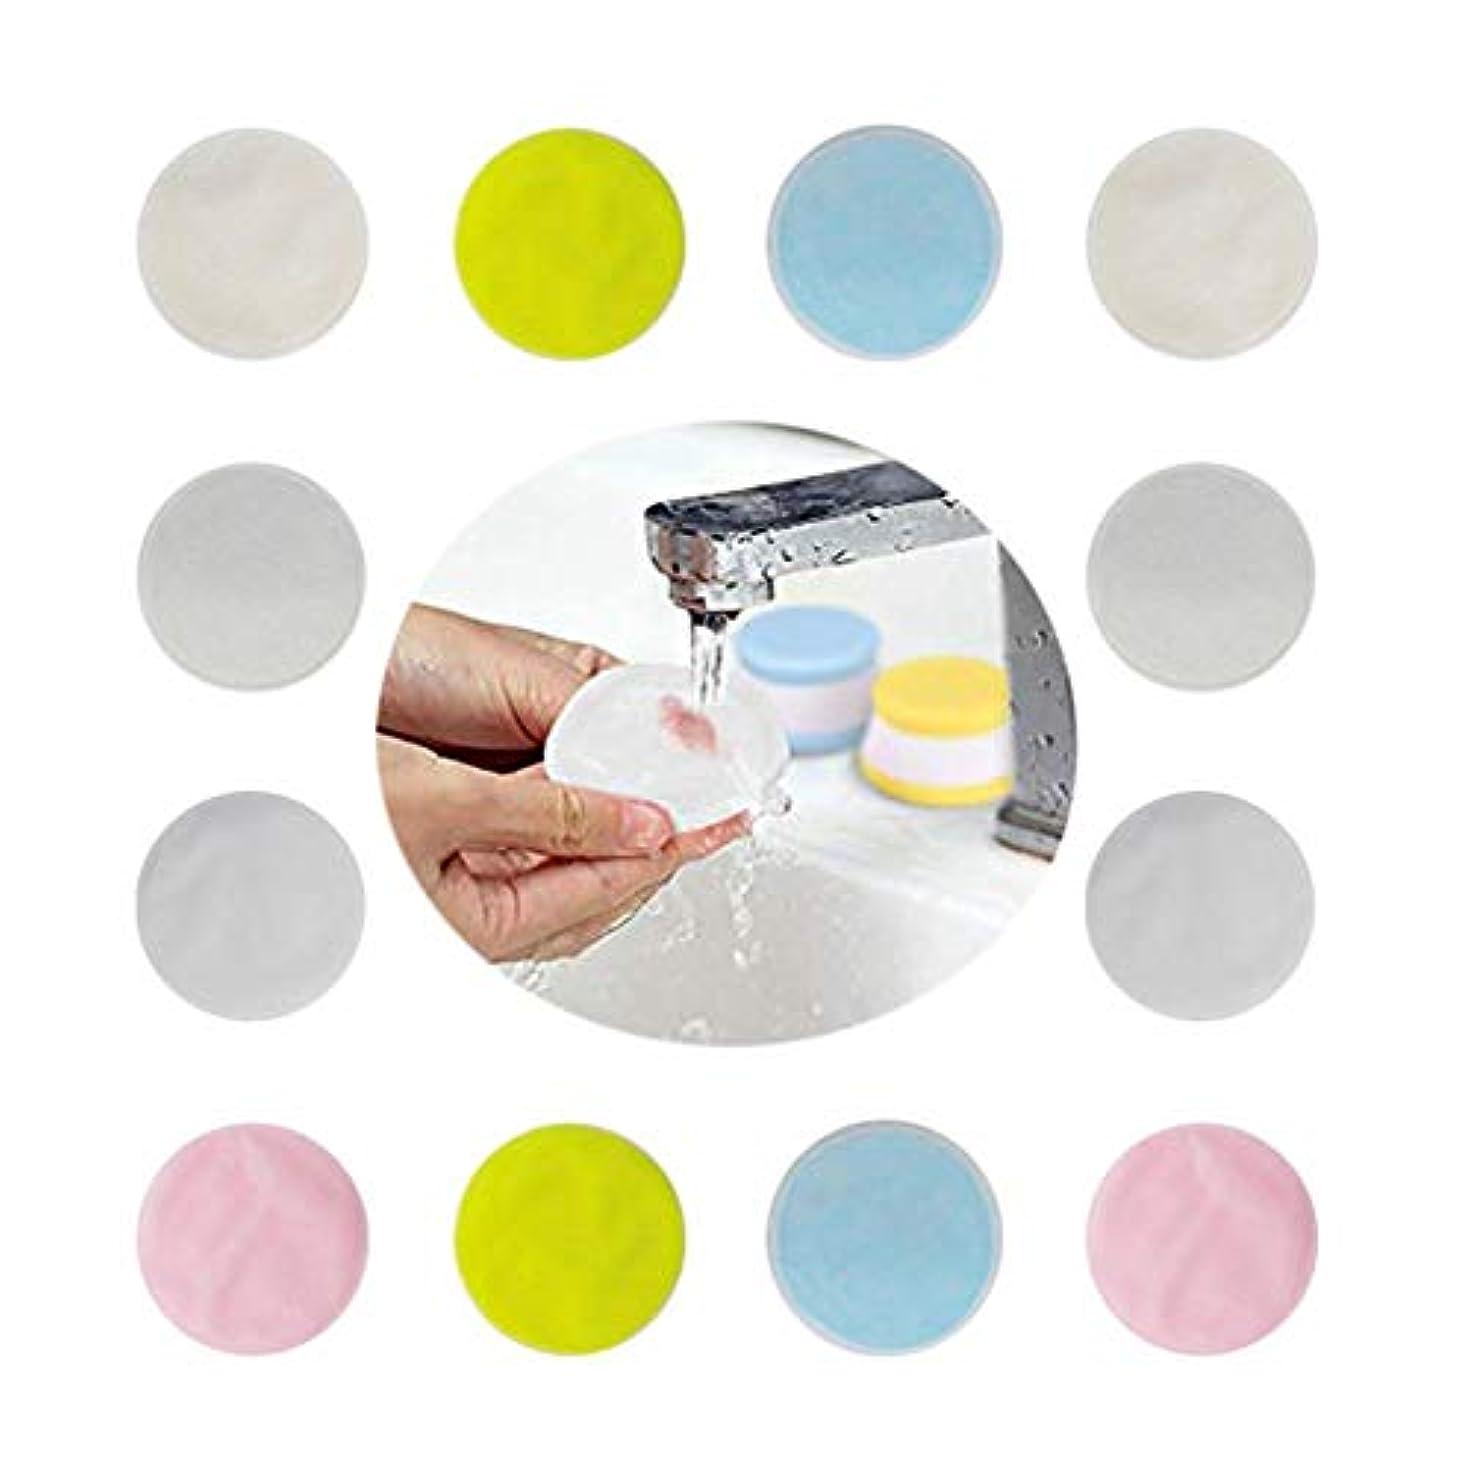 箱すべき石の10 / bag 8cm二重層竹繊維ベルベット化粧落とし洗えると再利用可能な洗顔美容と美??容ケアツール